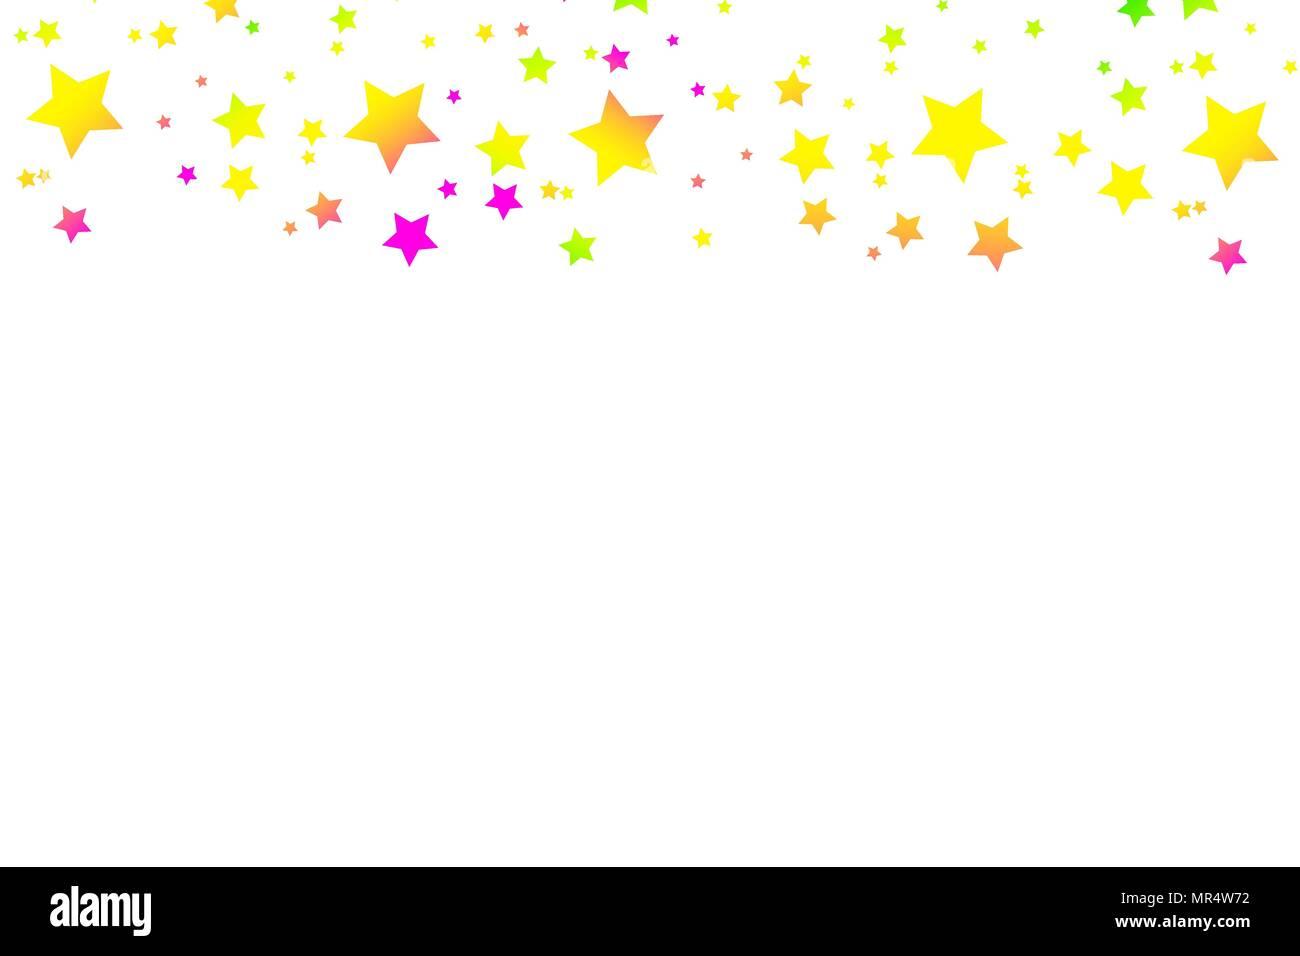 Chute D Etoiles Multicolores De Confettis Arriere Plan De Fete Lumineuse De Luxe Rose Vert Bleu Turquoise Violet Abstract Etoile Sur Un Fond Blanc Element De Design Vector Illustration Image Vectorielle Stock Alamy